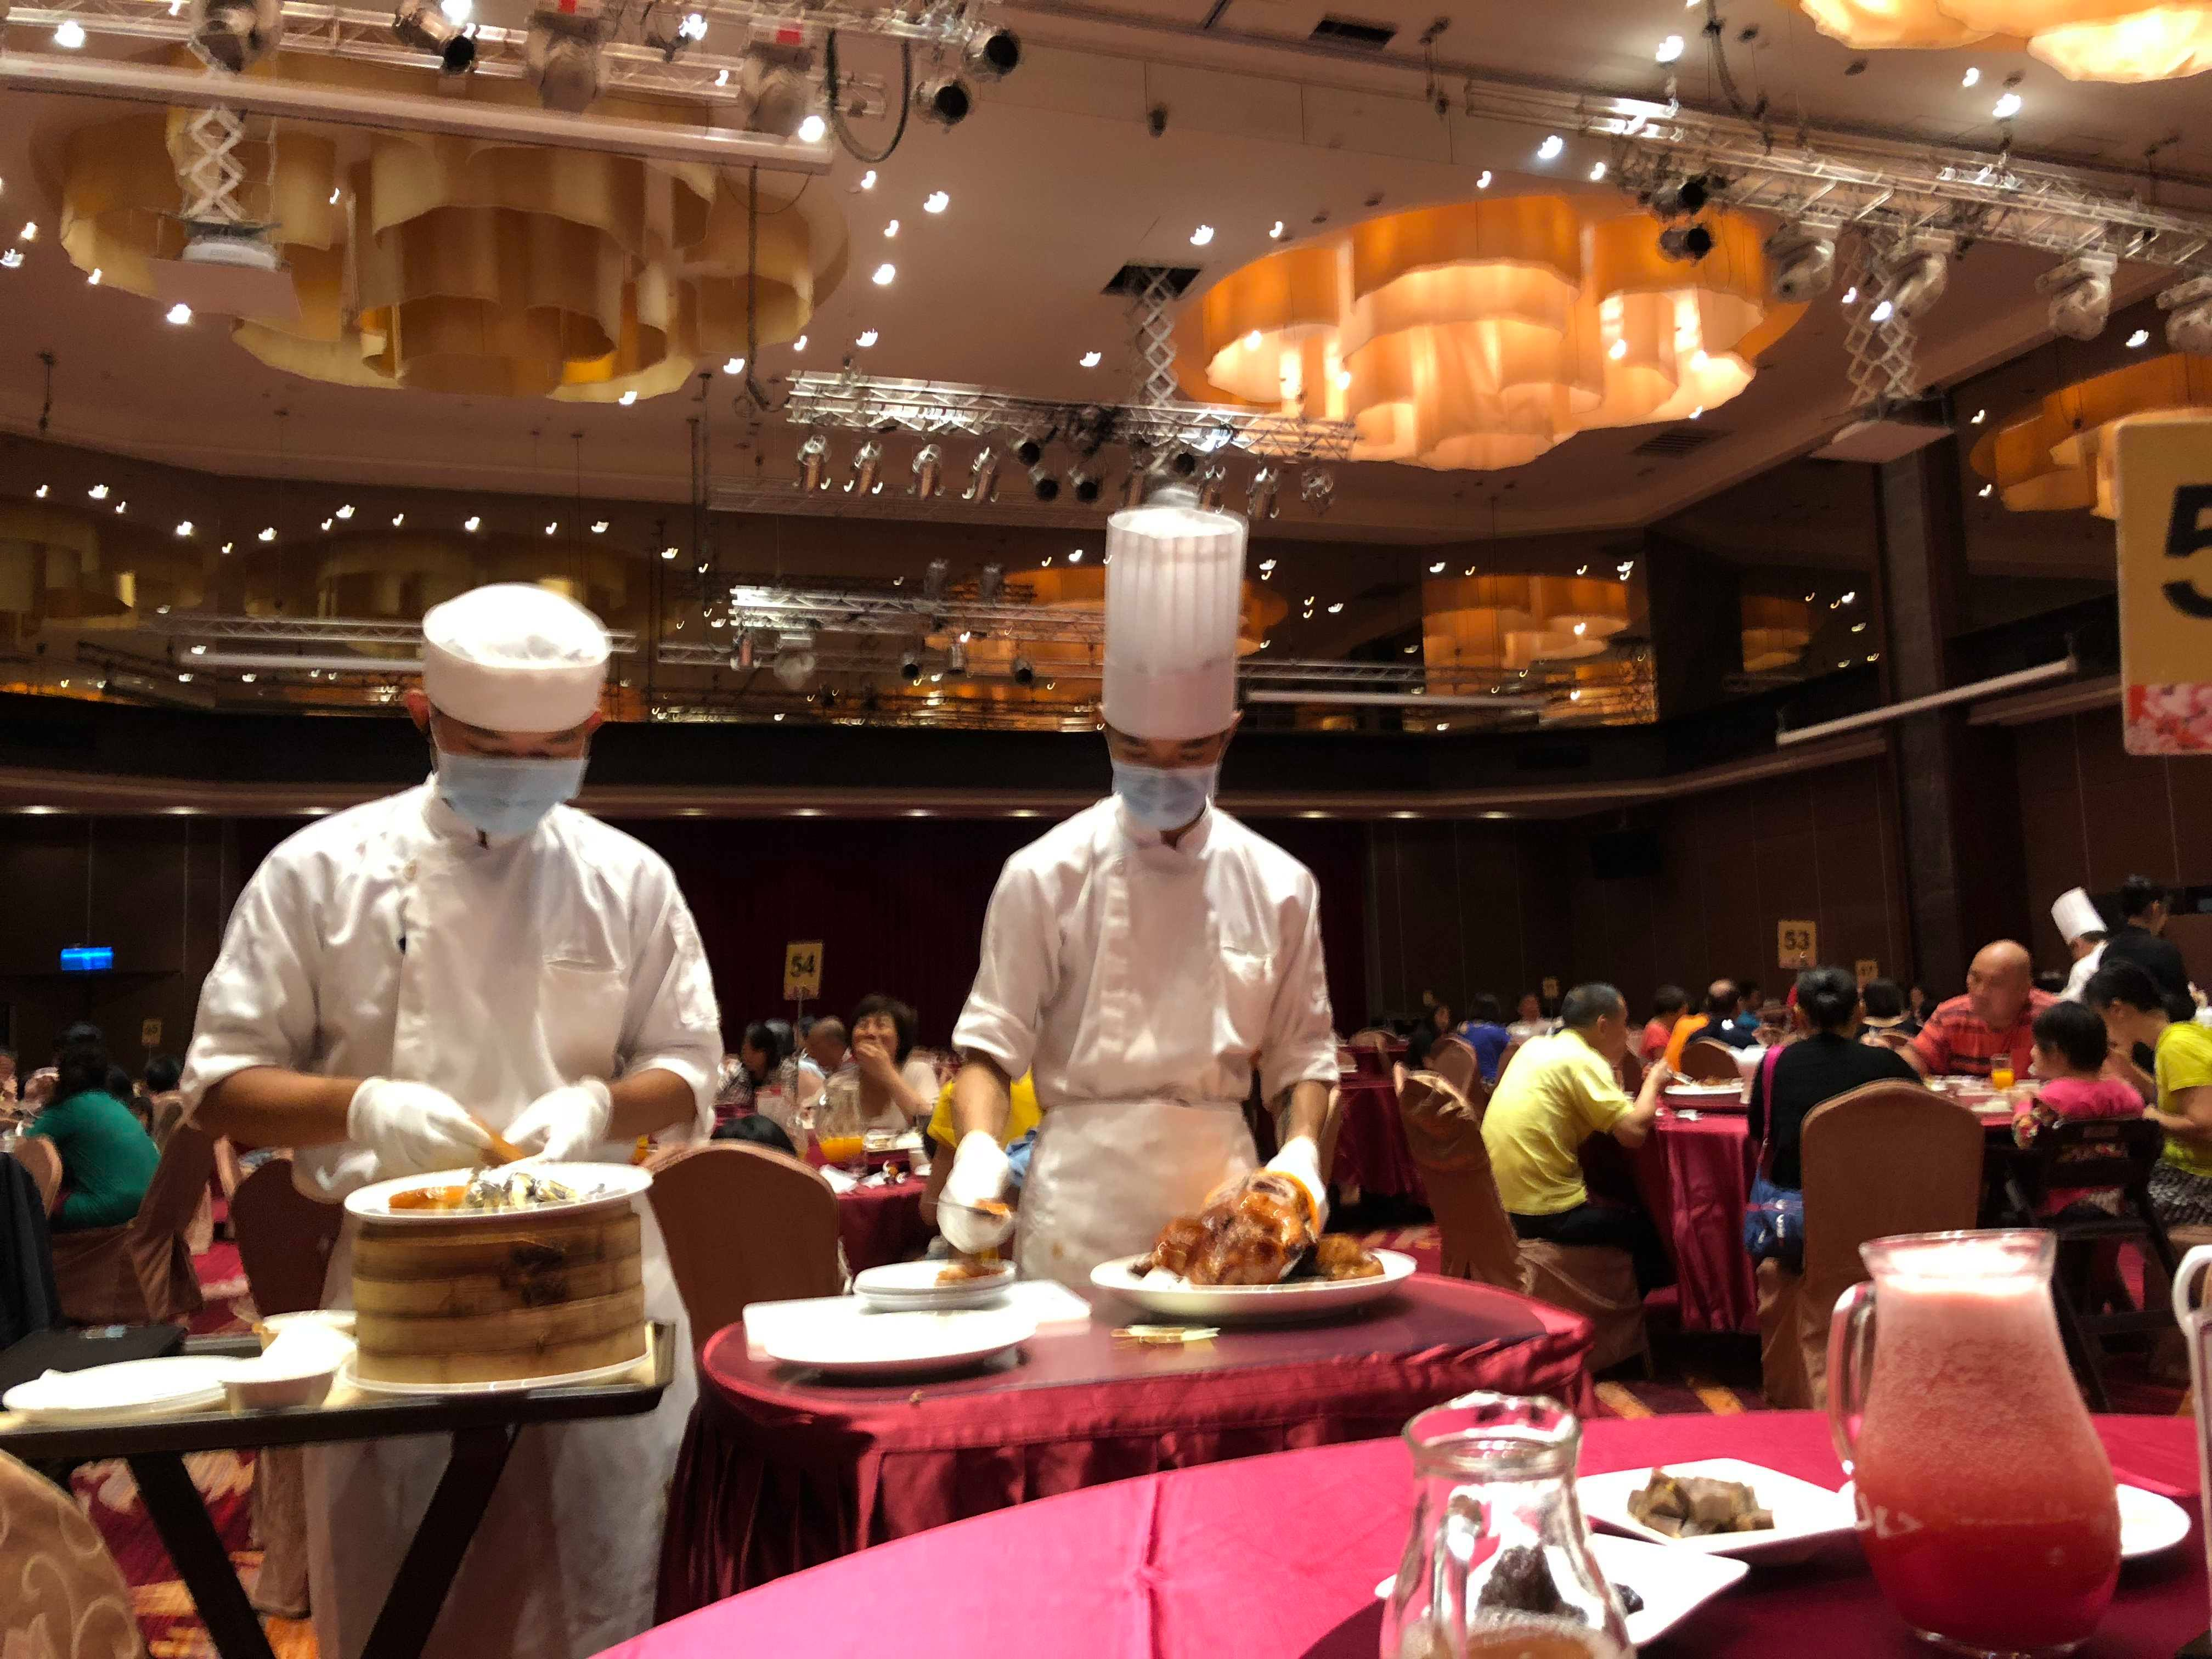 廚師桌邊服務,當場片鴨給食客們,個人覺得最特別的是包著鴨肉的三星蔥油餅。